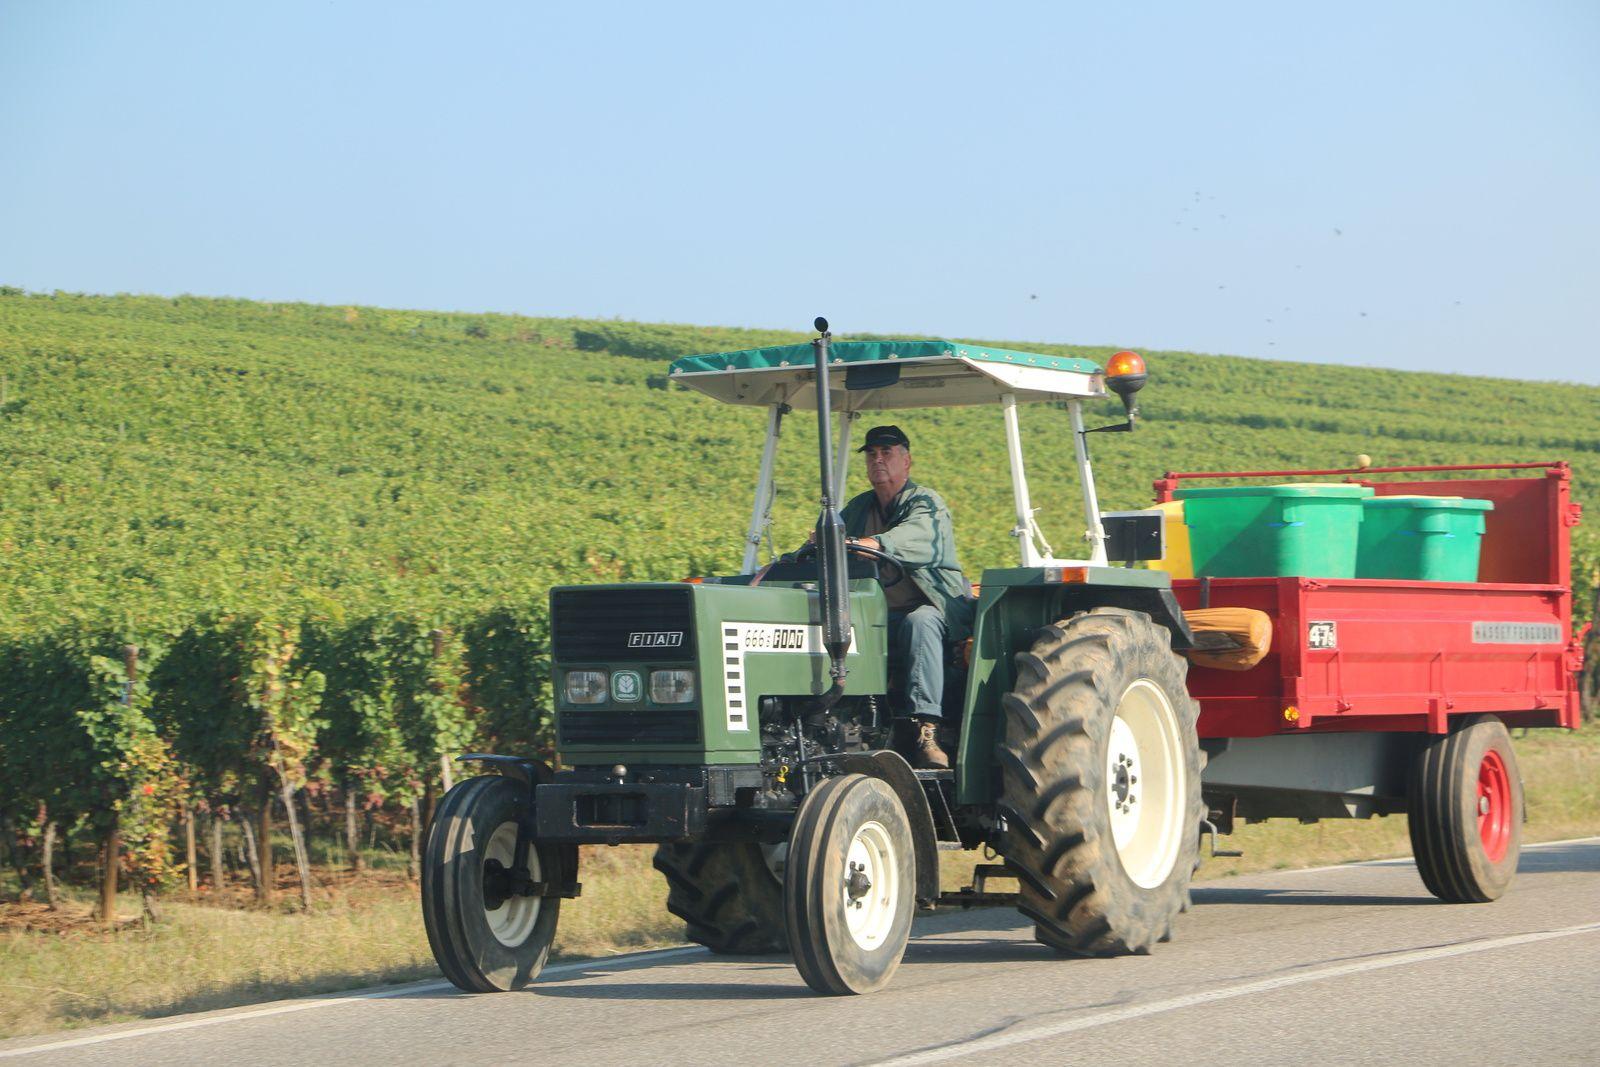 Des engins agricoles sillonnent routes et sentiers viticoles.